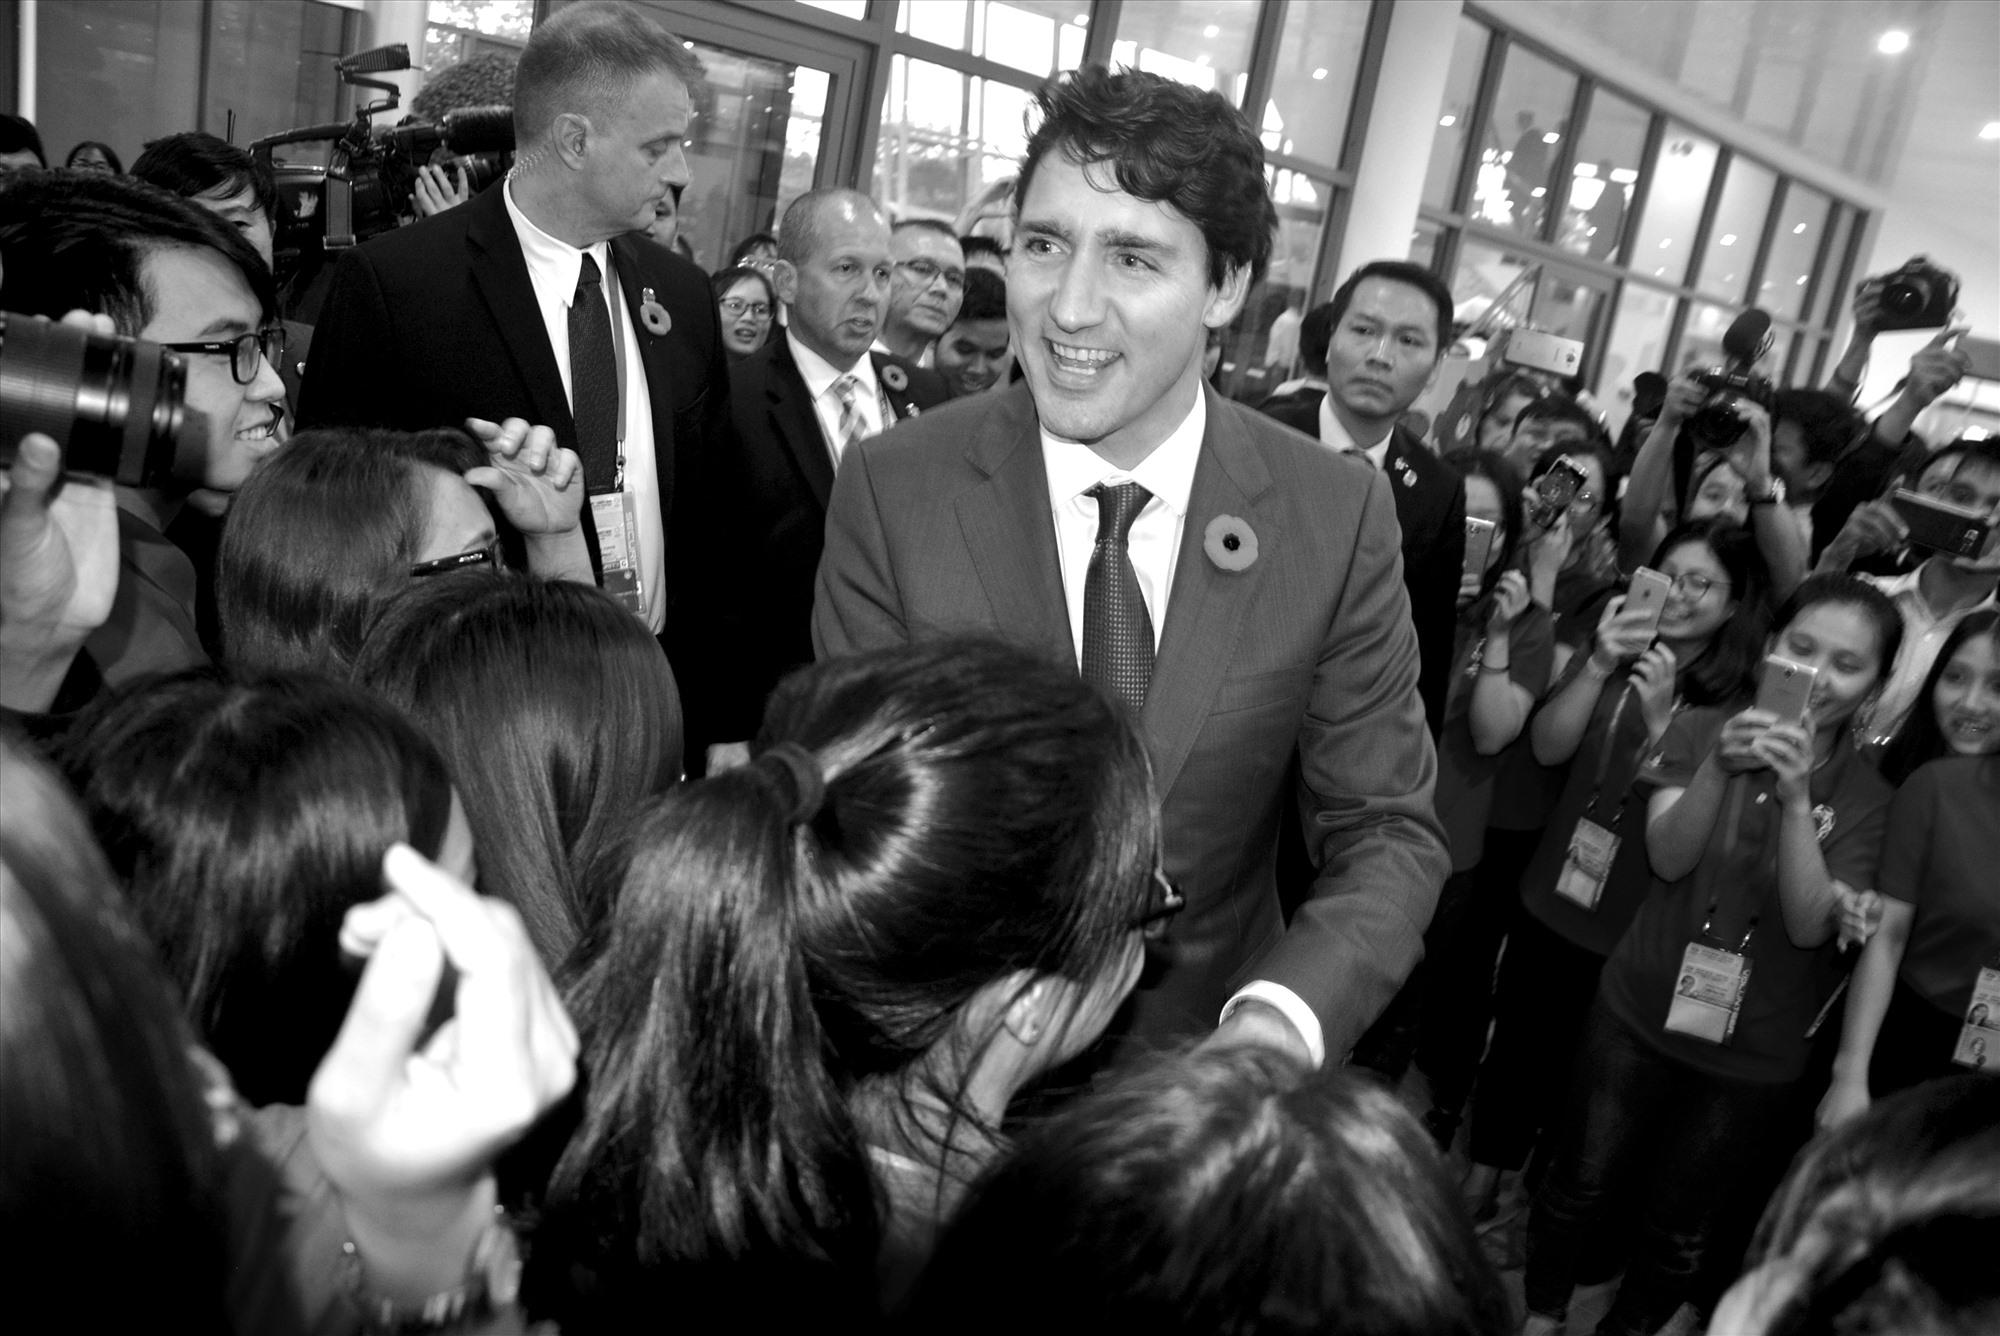 """Tác phẩm """"Thủ tướng Canada Justin Trudeau với fan sinh viên Việt Nam"""" của Huỳnh Trương Phát chụp tại Apec 2017, đoạt giải khuyến khích, Giải thưởng đối ngoại toàn quốc 2018."""